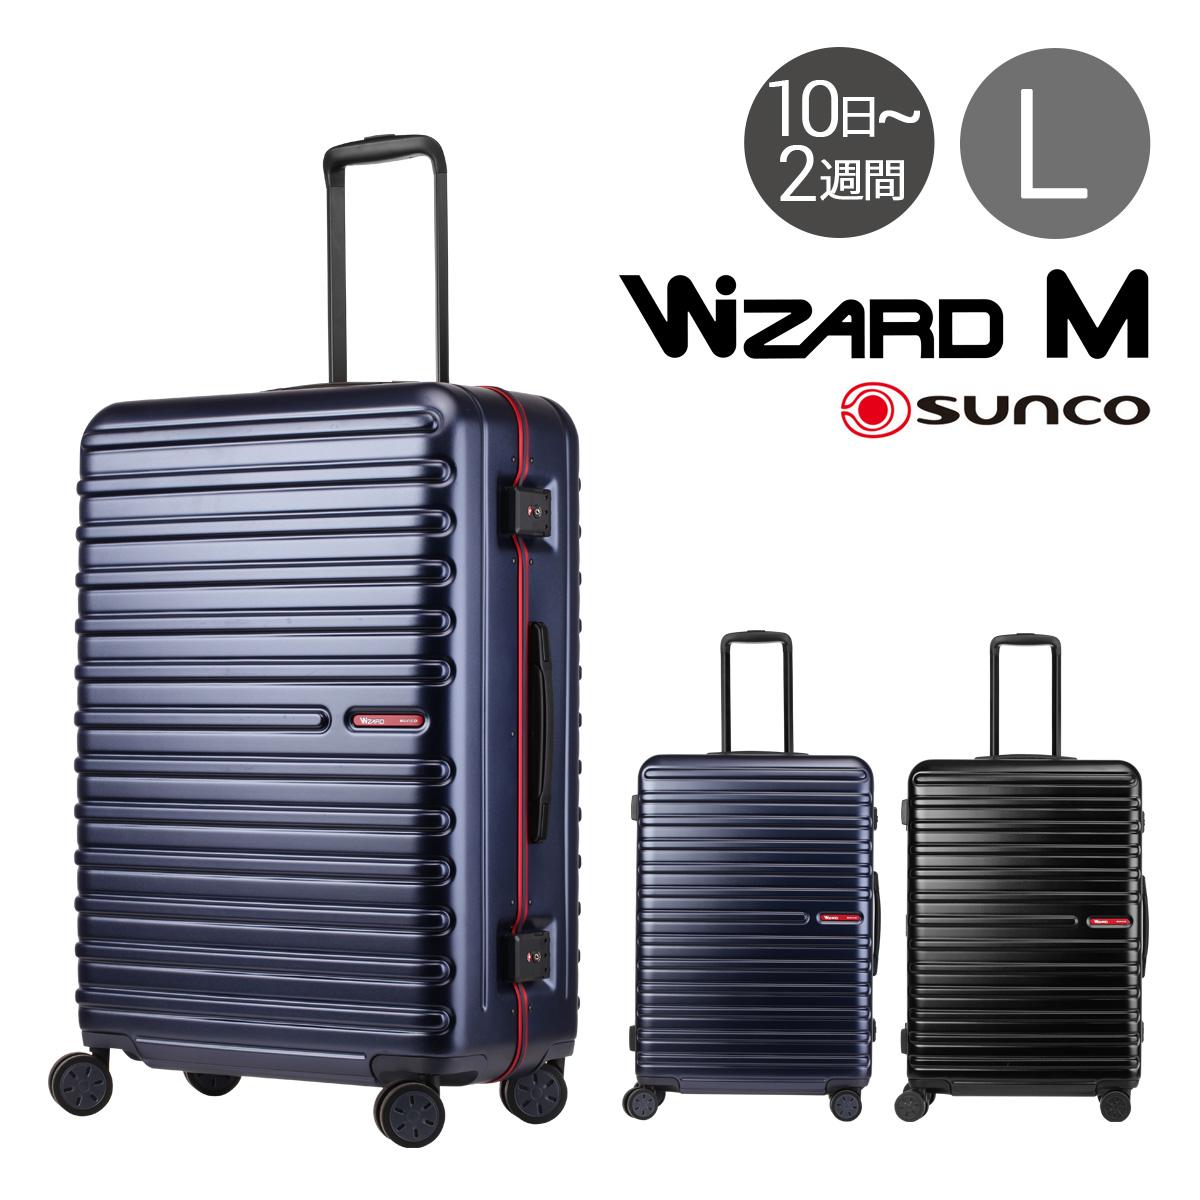 サンコー スーツケース 85L 69cm 5.6kg ハード フレーム ウィザードM WIZM-69 SUNCO   キャリーケース 軽量 TSAロック搭載 HINOMOTO[即日発送][bef]